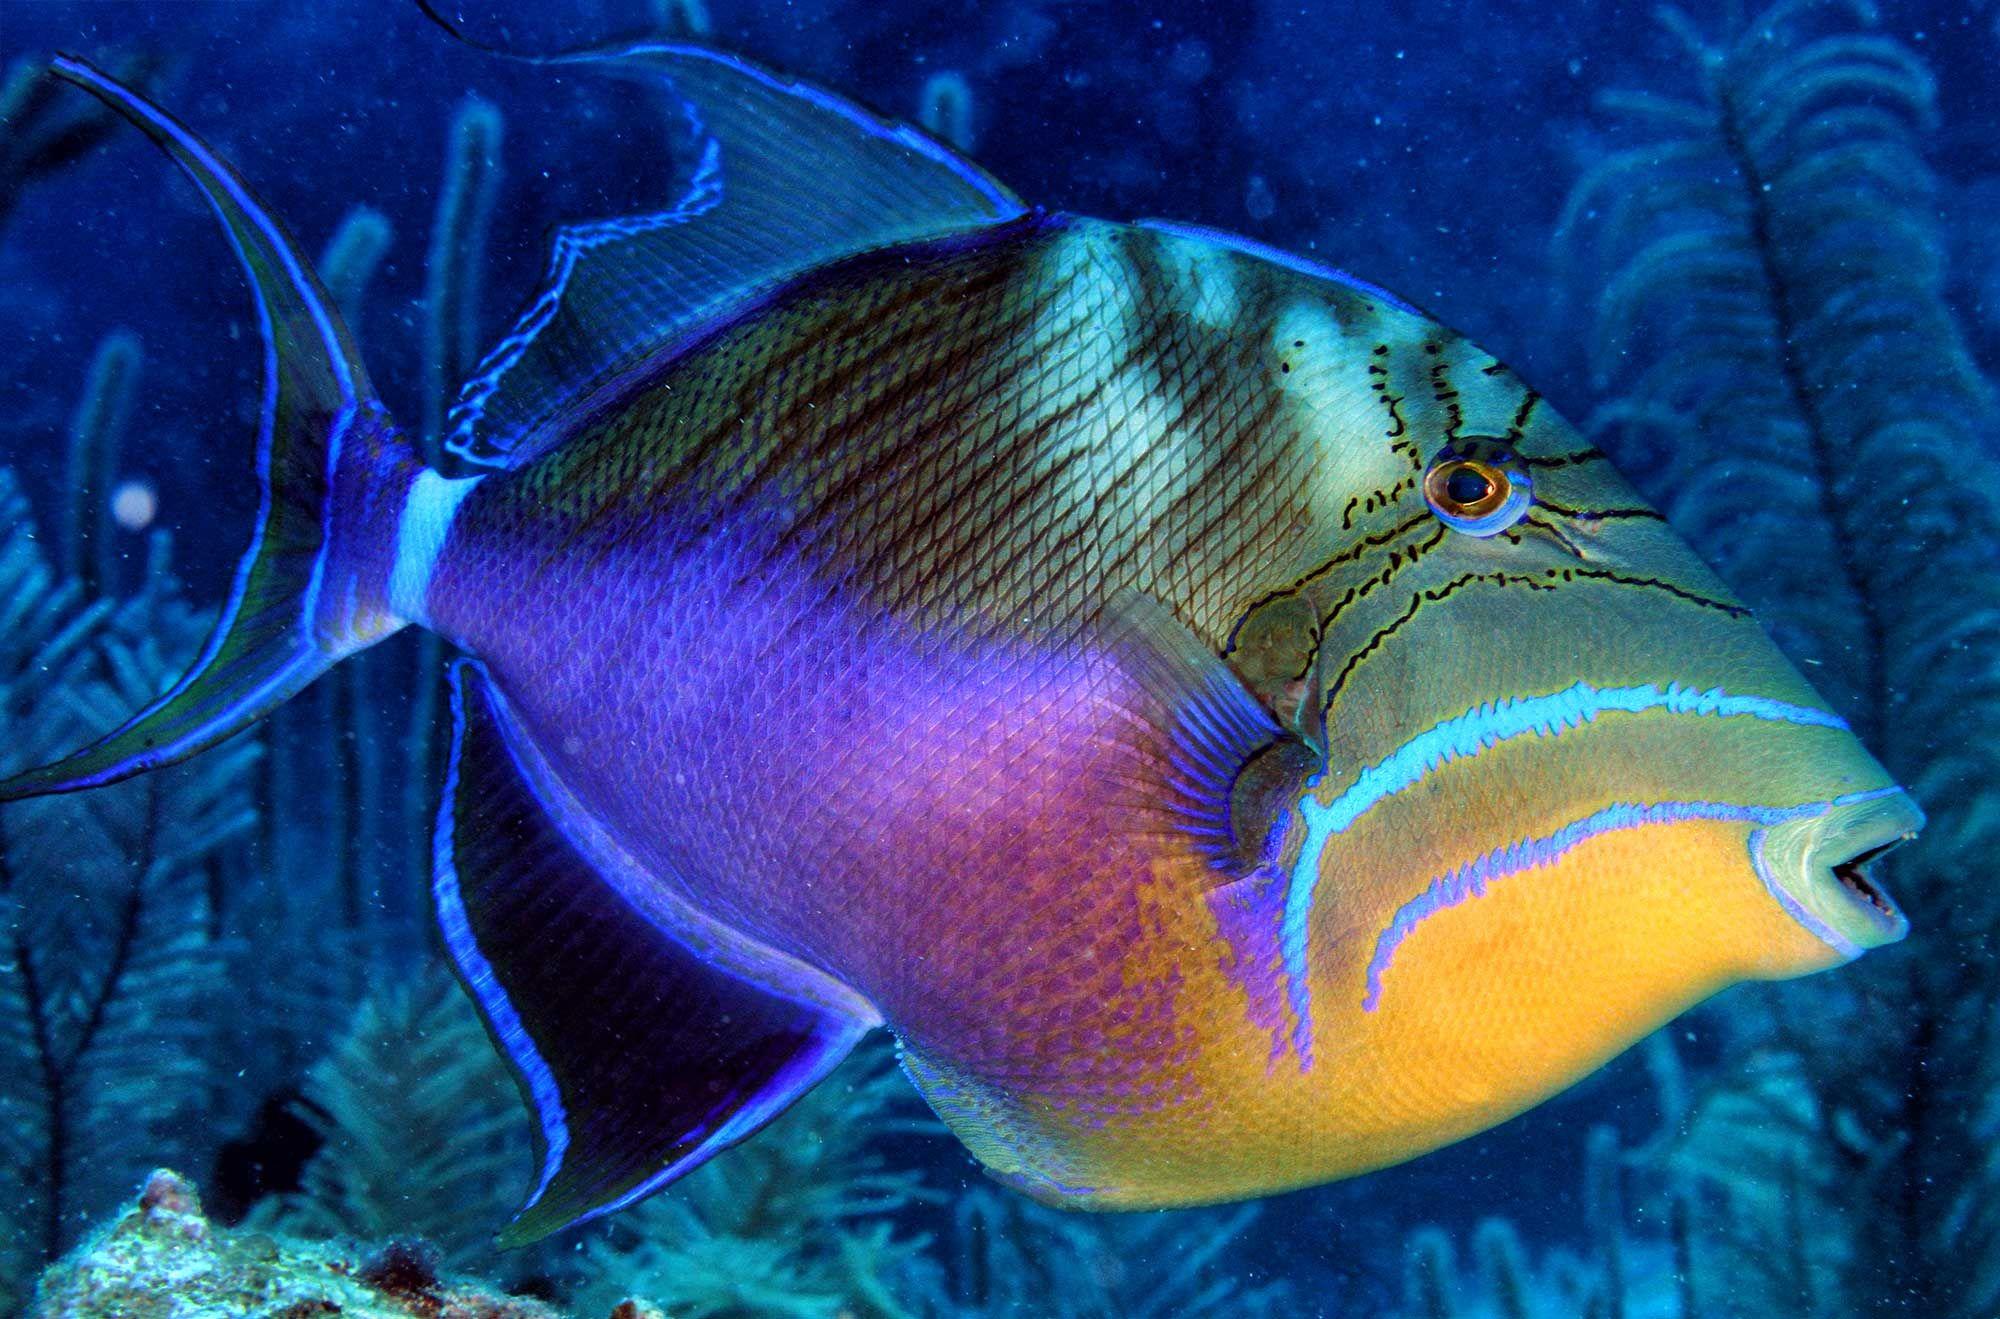 Trigger Fish Belize Ocean Creatures Saltwater Fish Tanks Sea